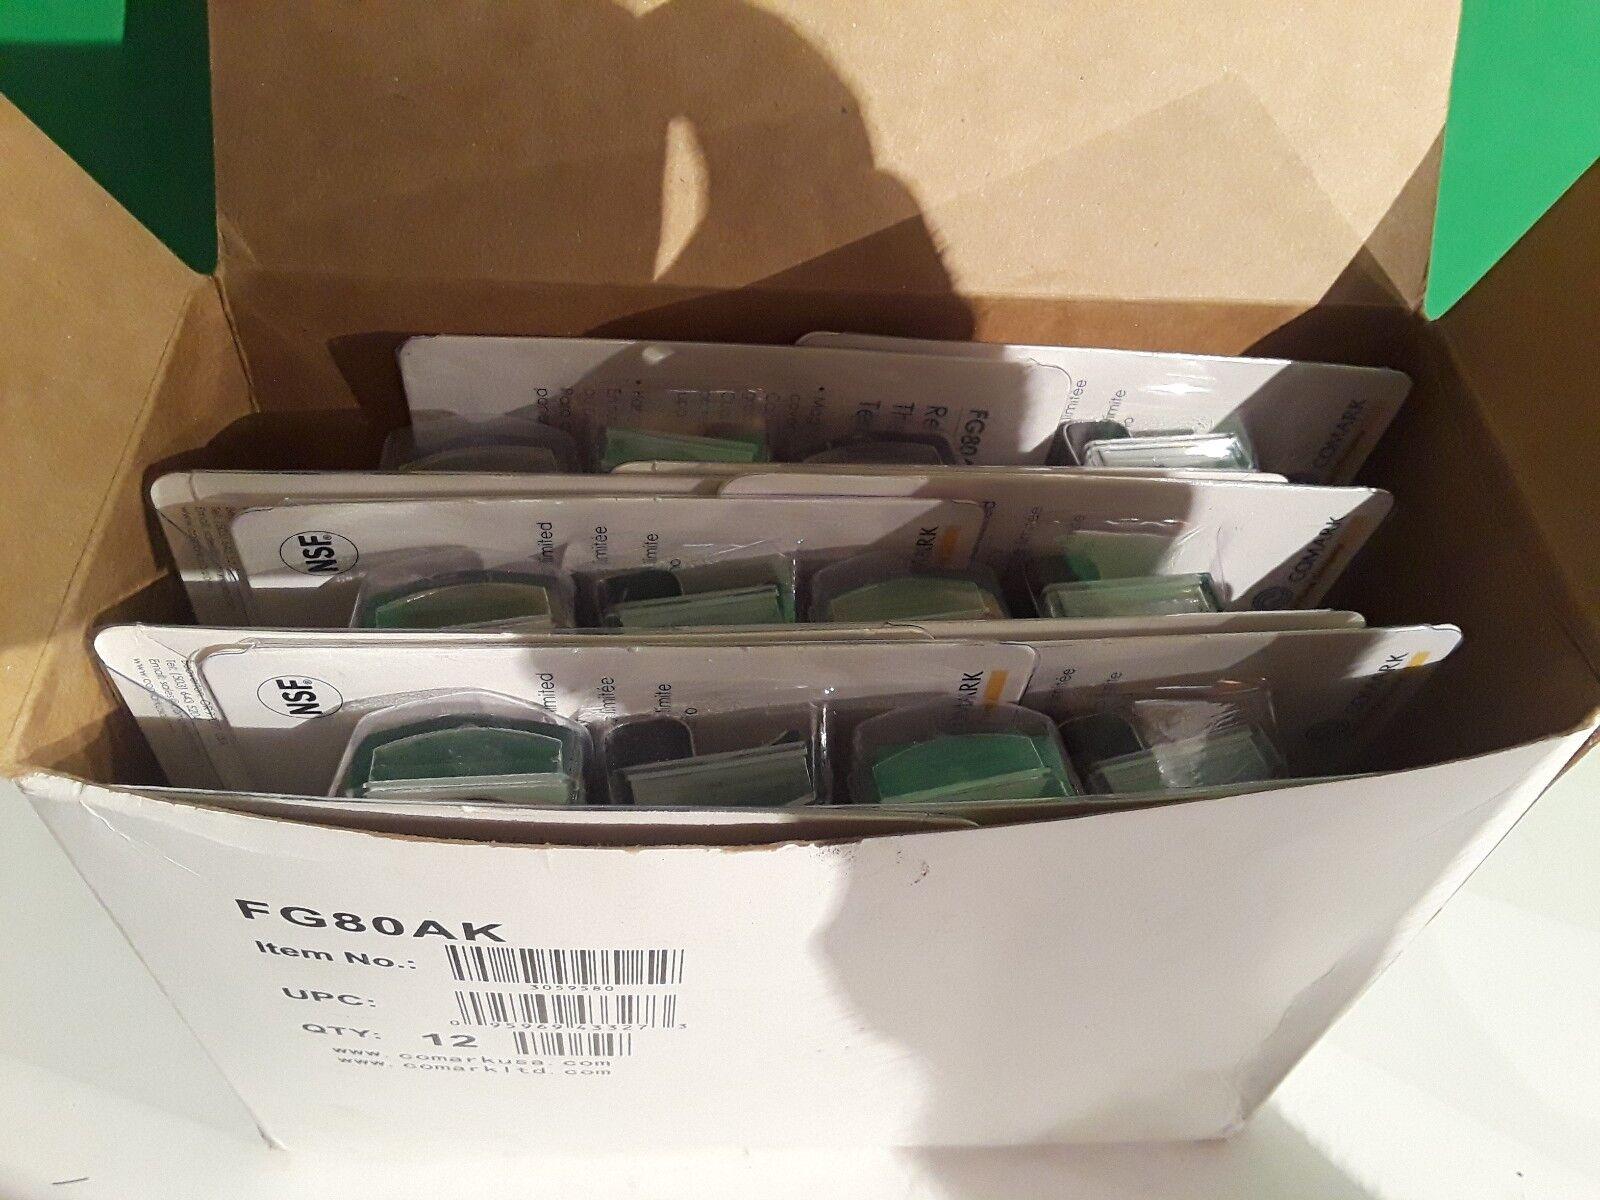 (12) Comark FG80AK Réfrigérateur & Congélateur Thermomètre  Valeur Paquet De 12